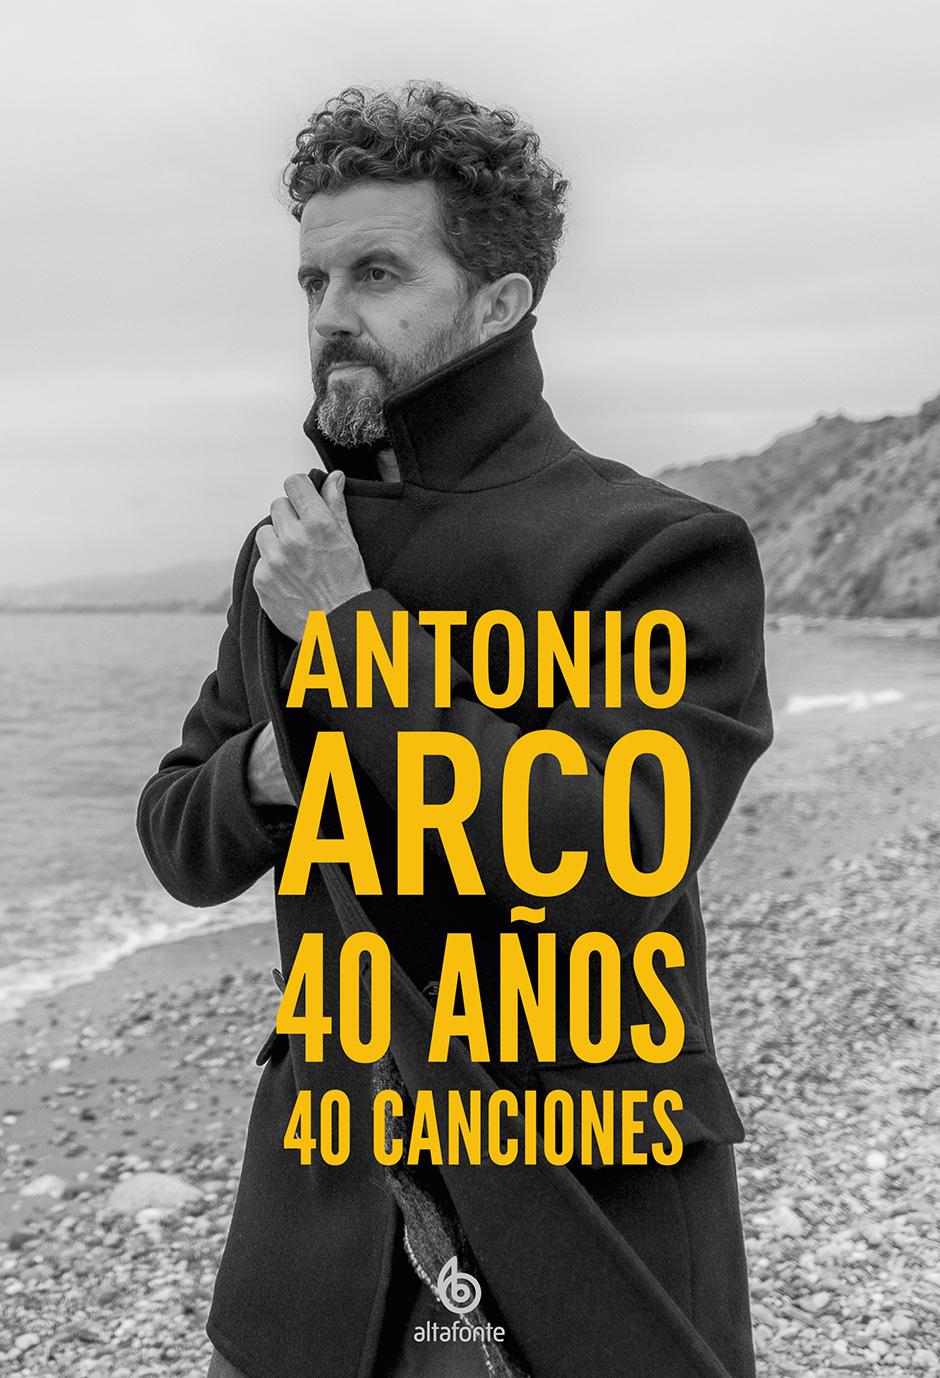 40 años 40 canciones (Antonio Arco, 2021)